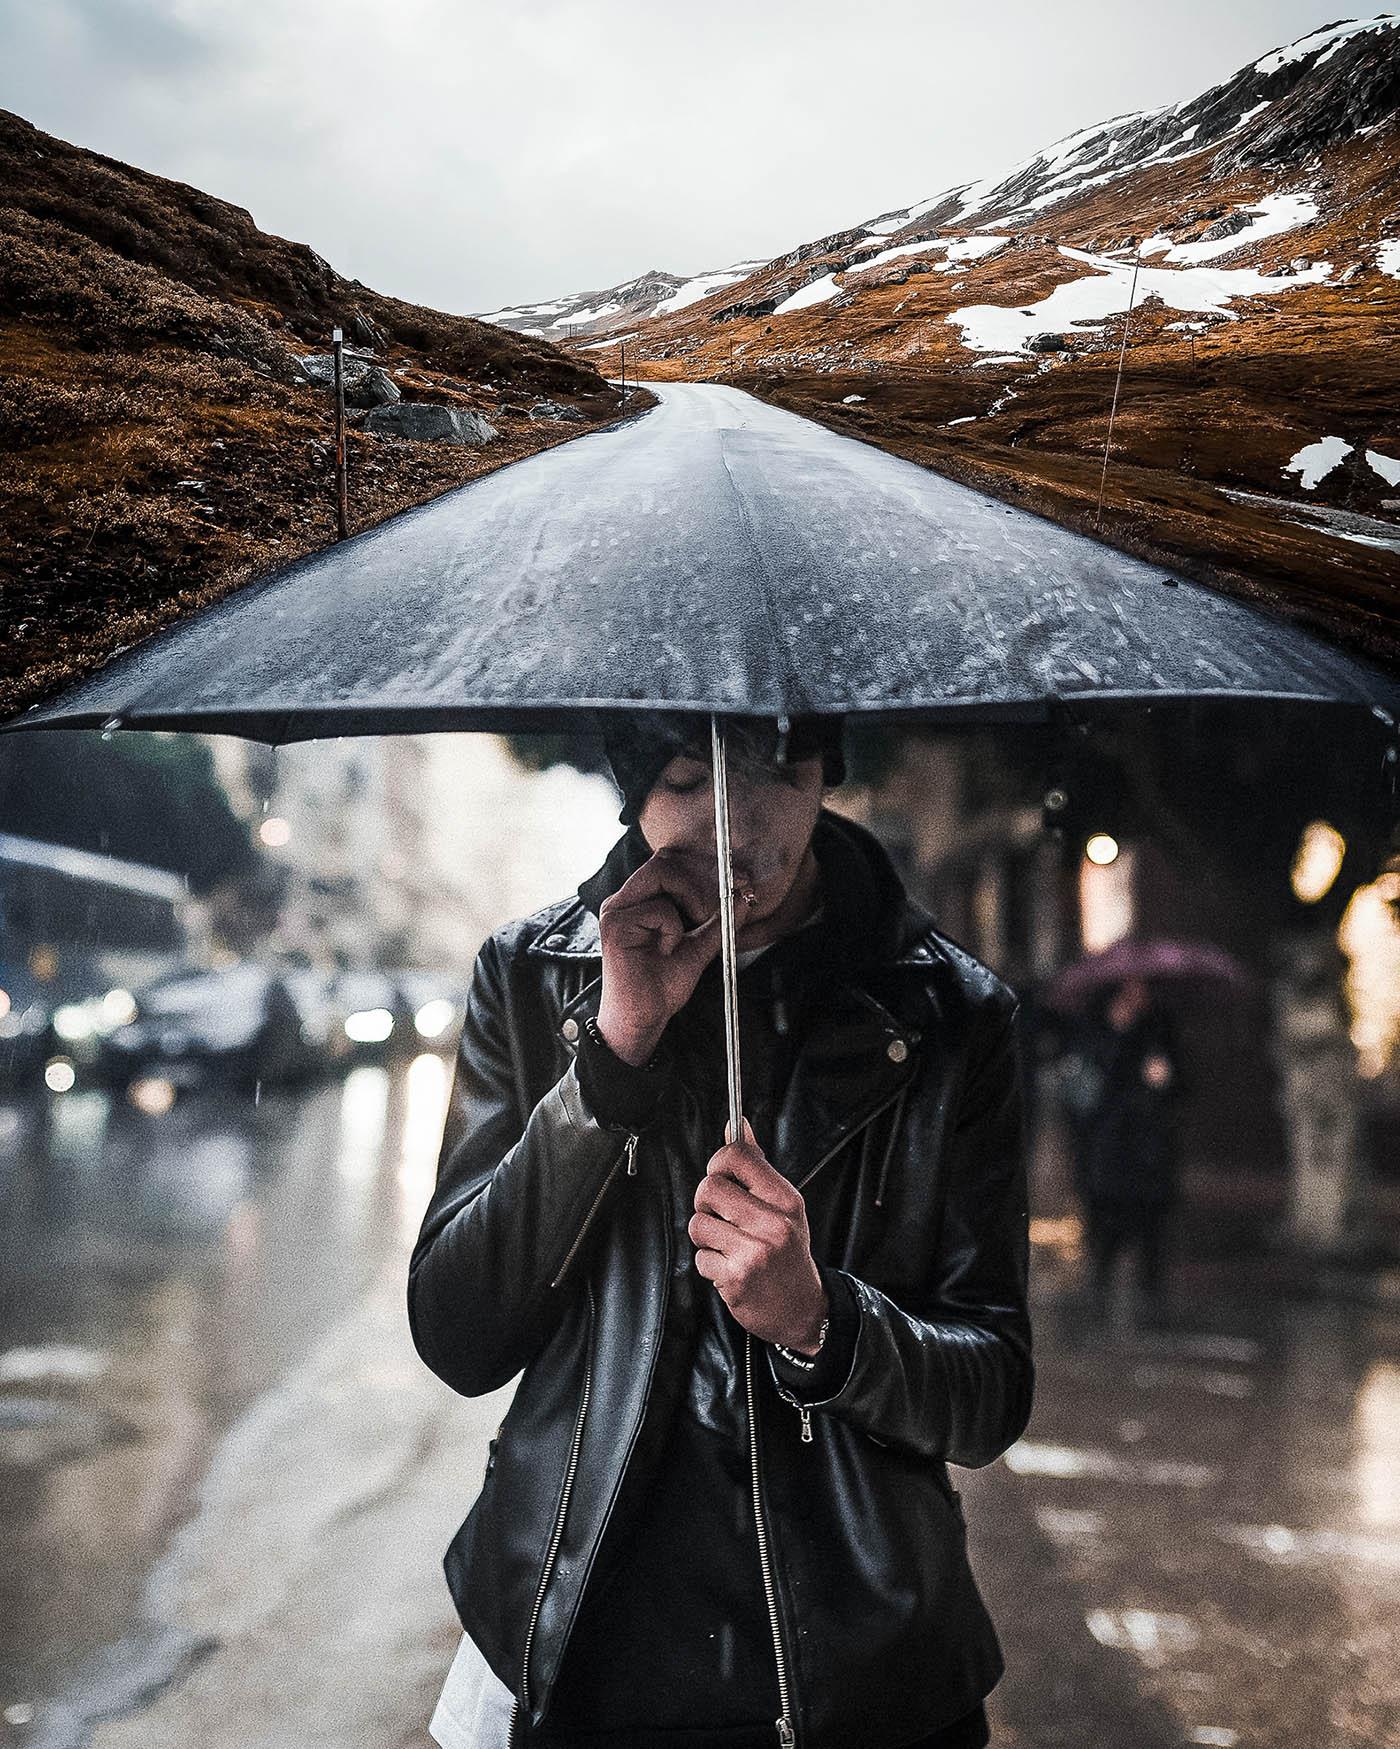 Мастерство комбинированных фотографий от немецкого графического дизайнера